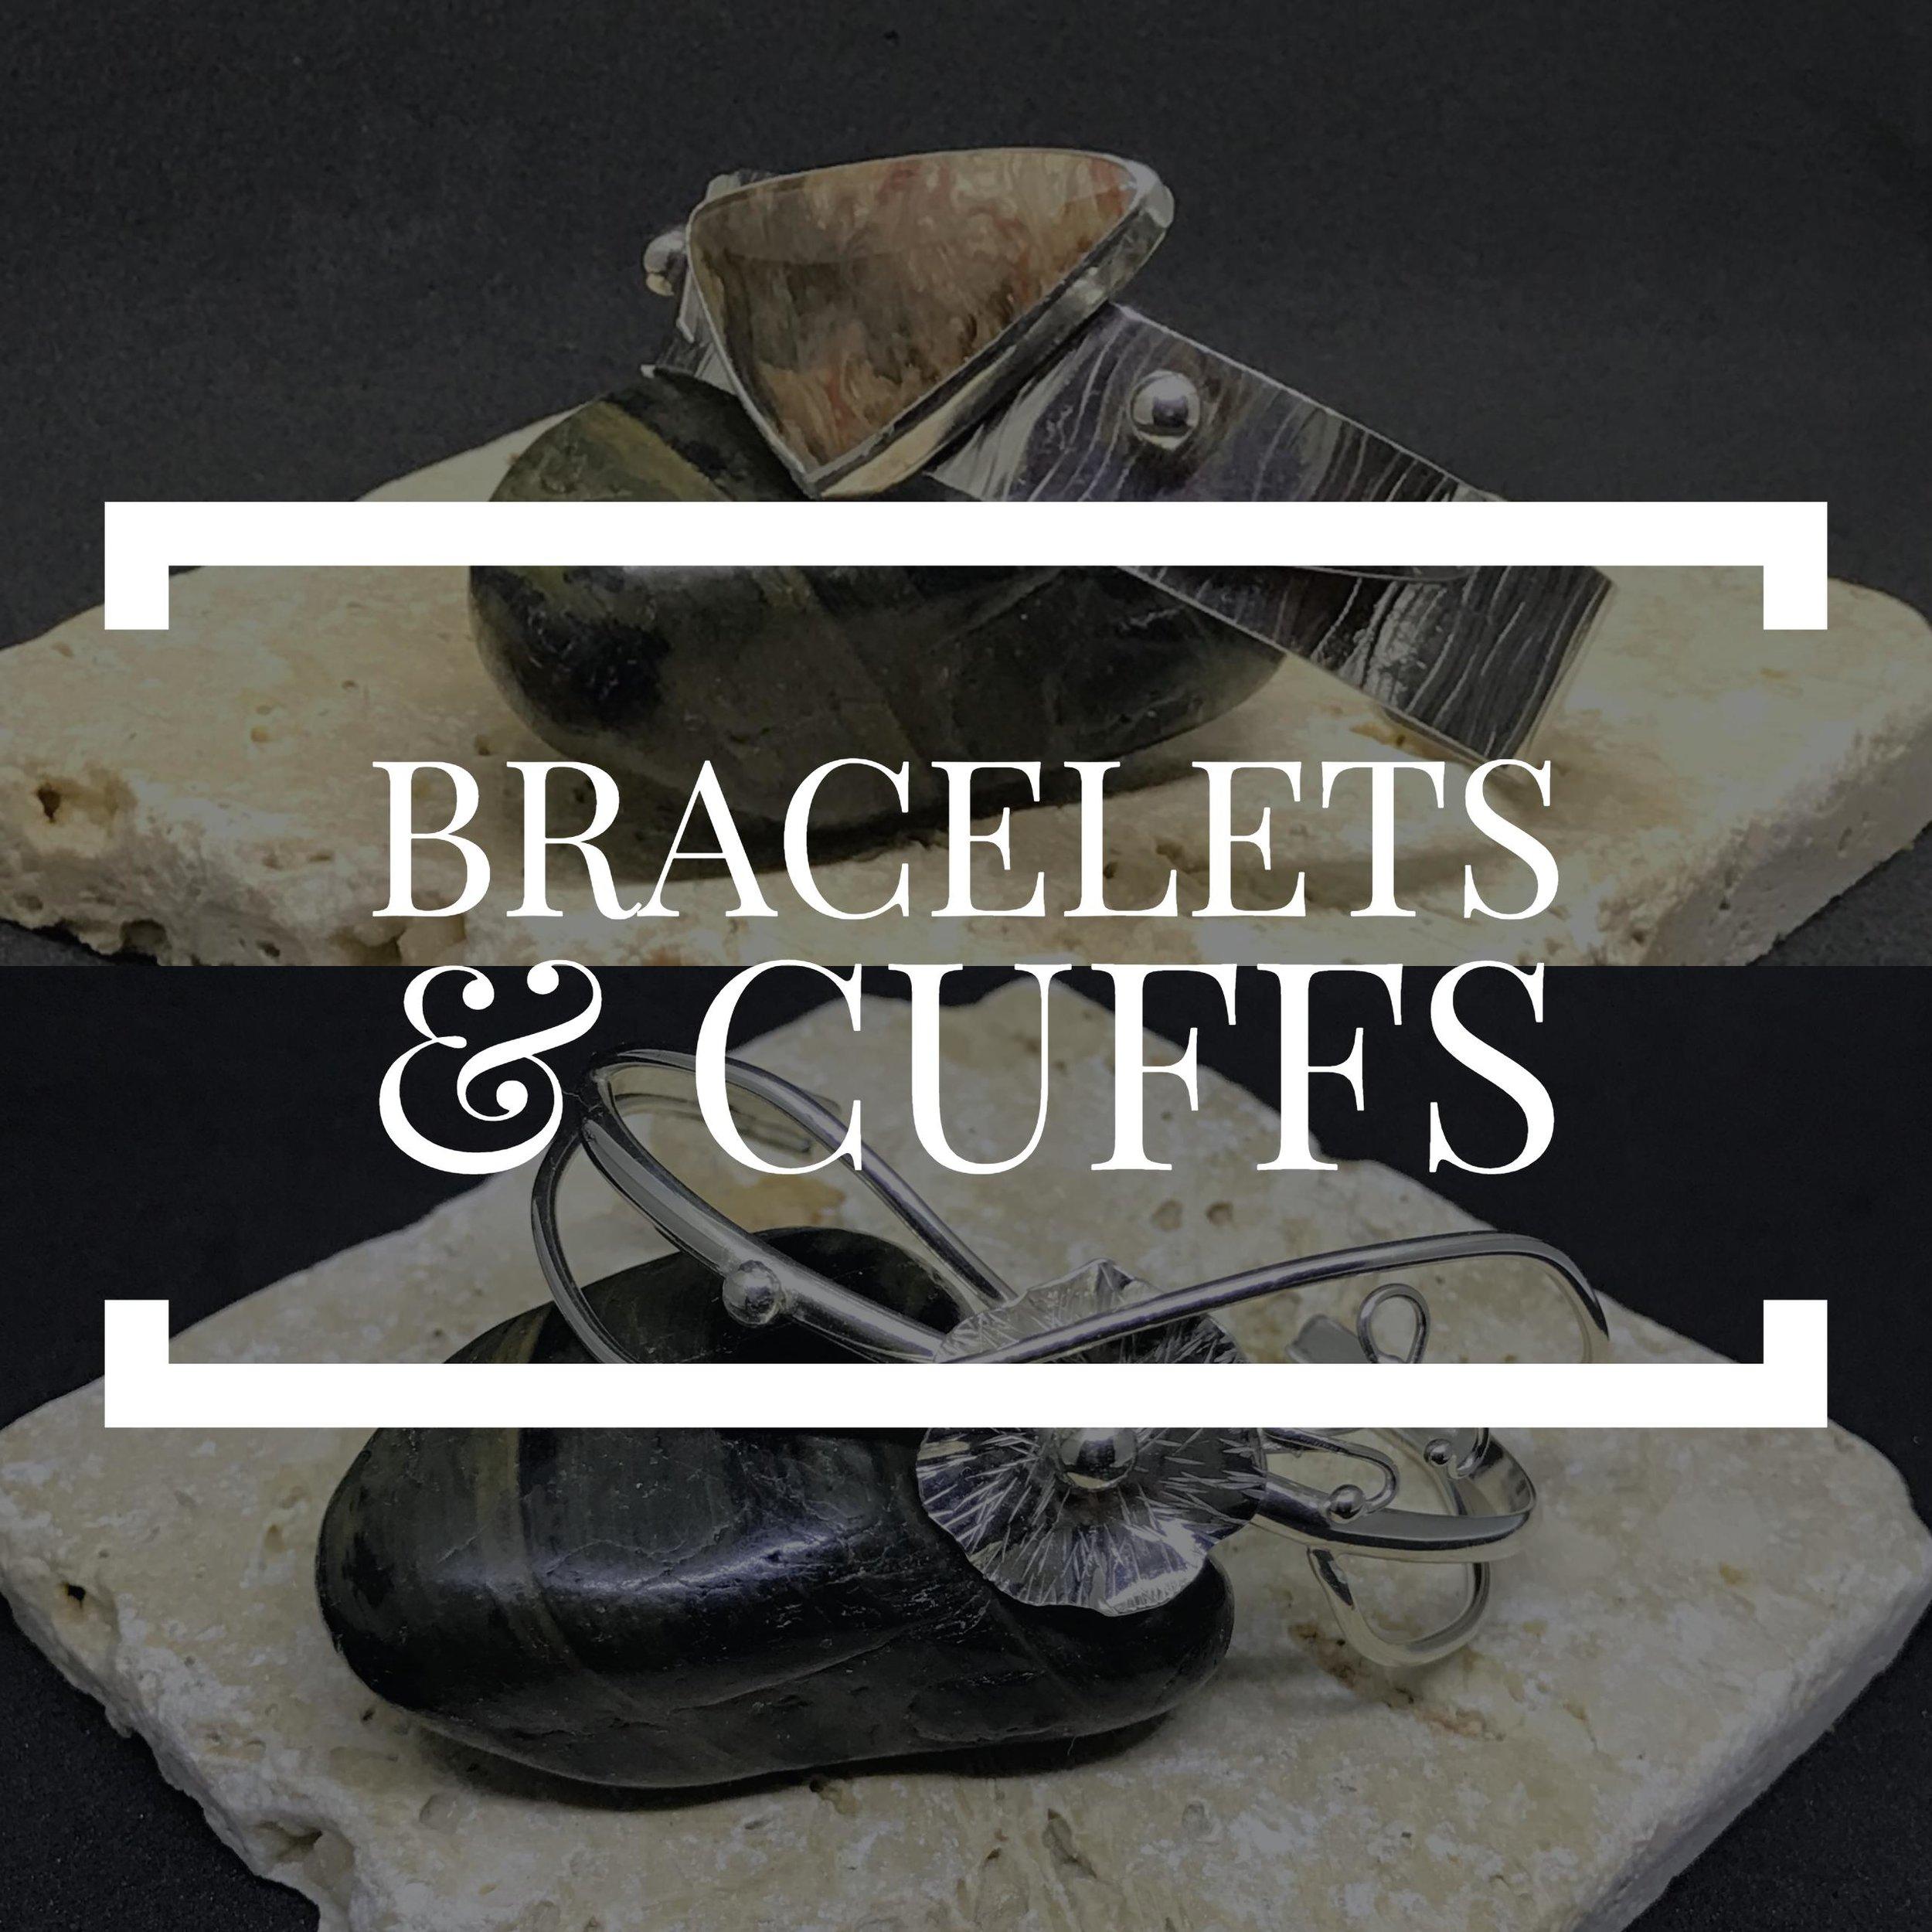 Bracelets and Cuffs copy.jpg